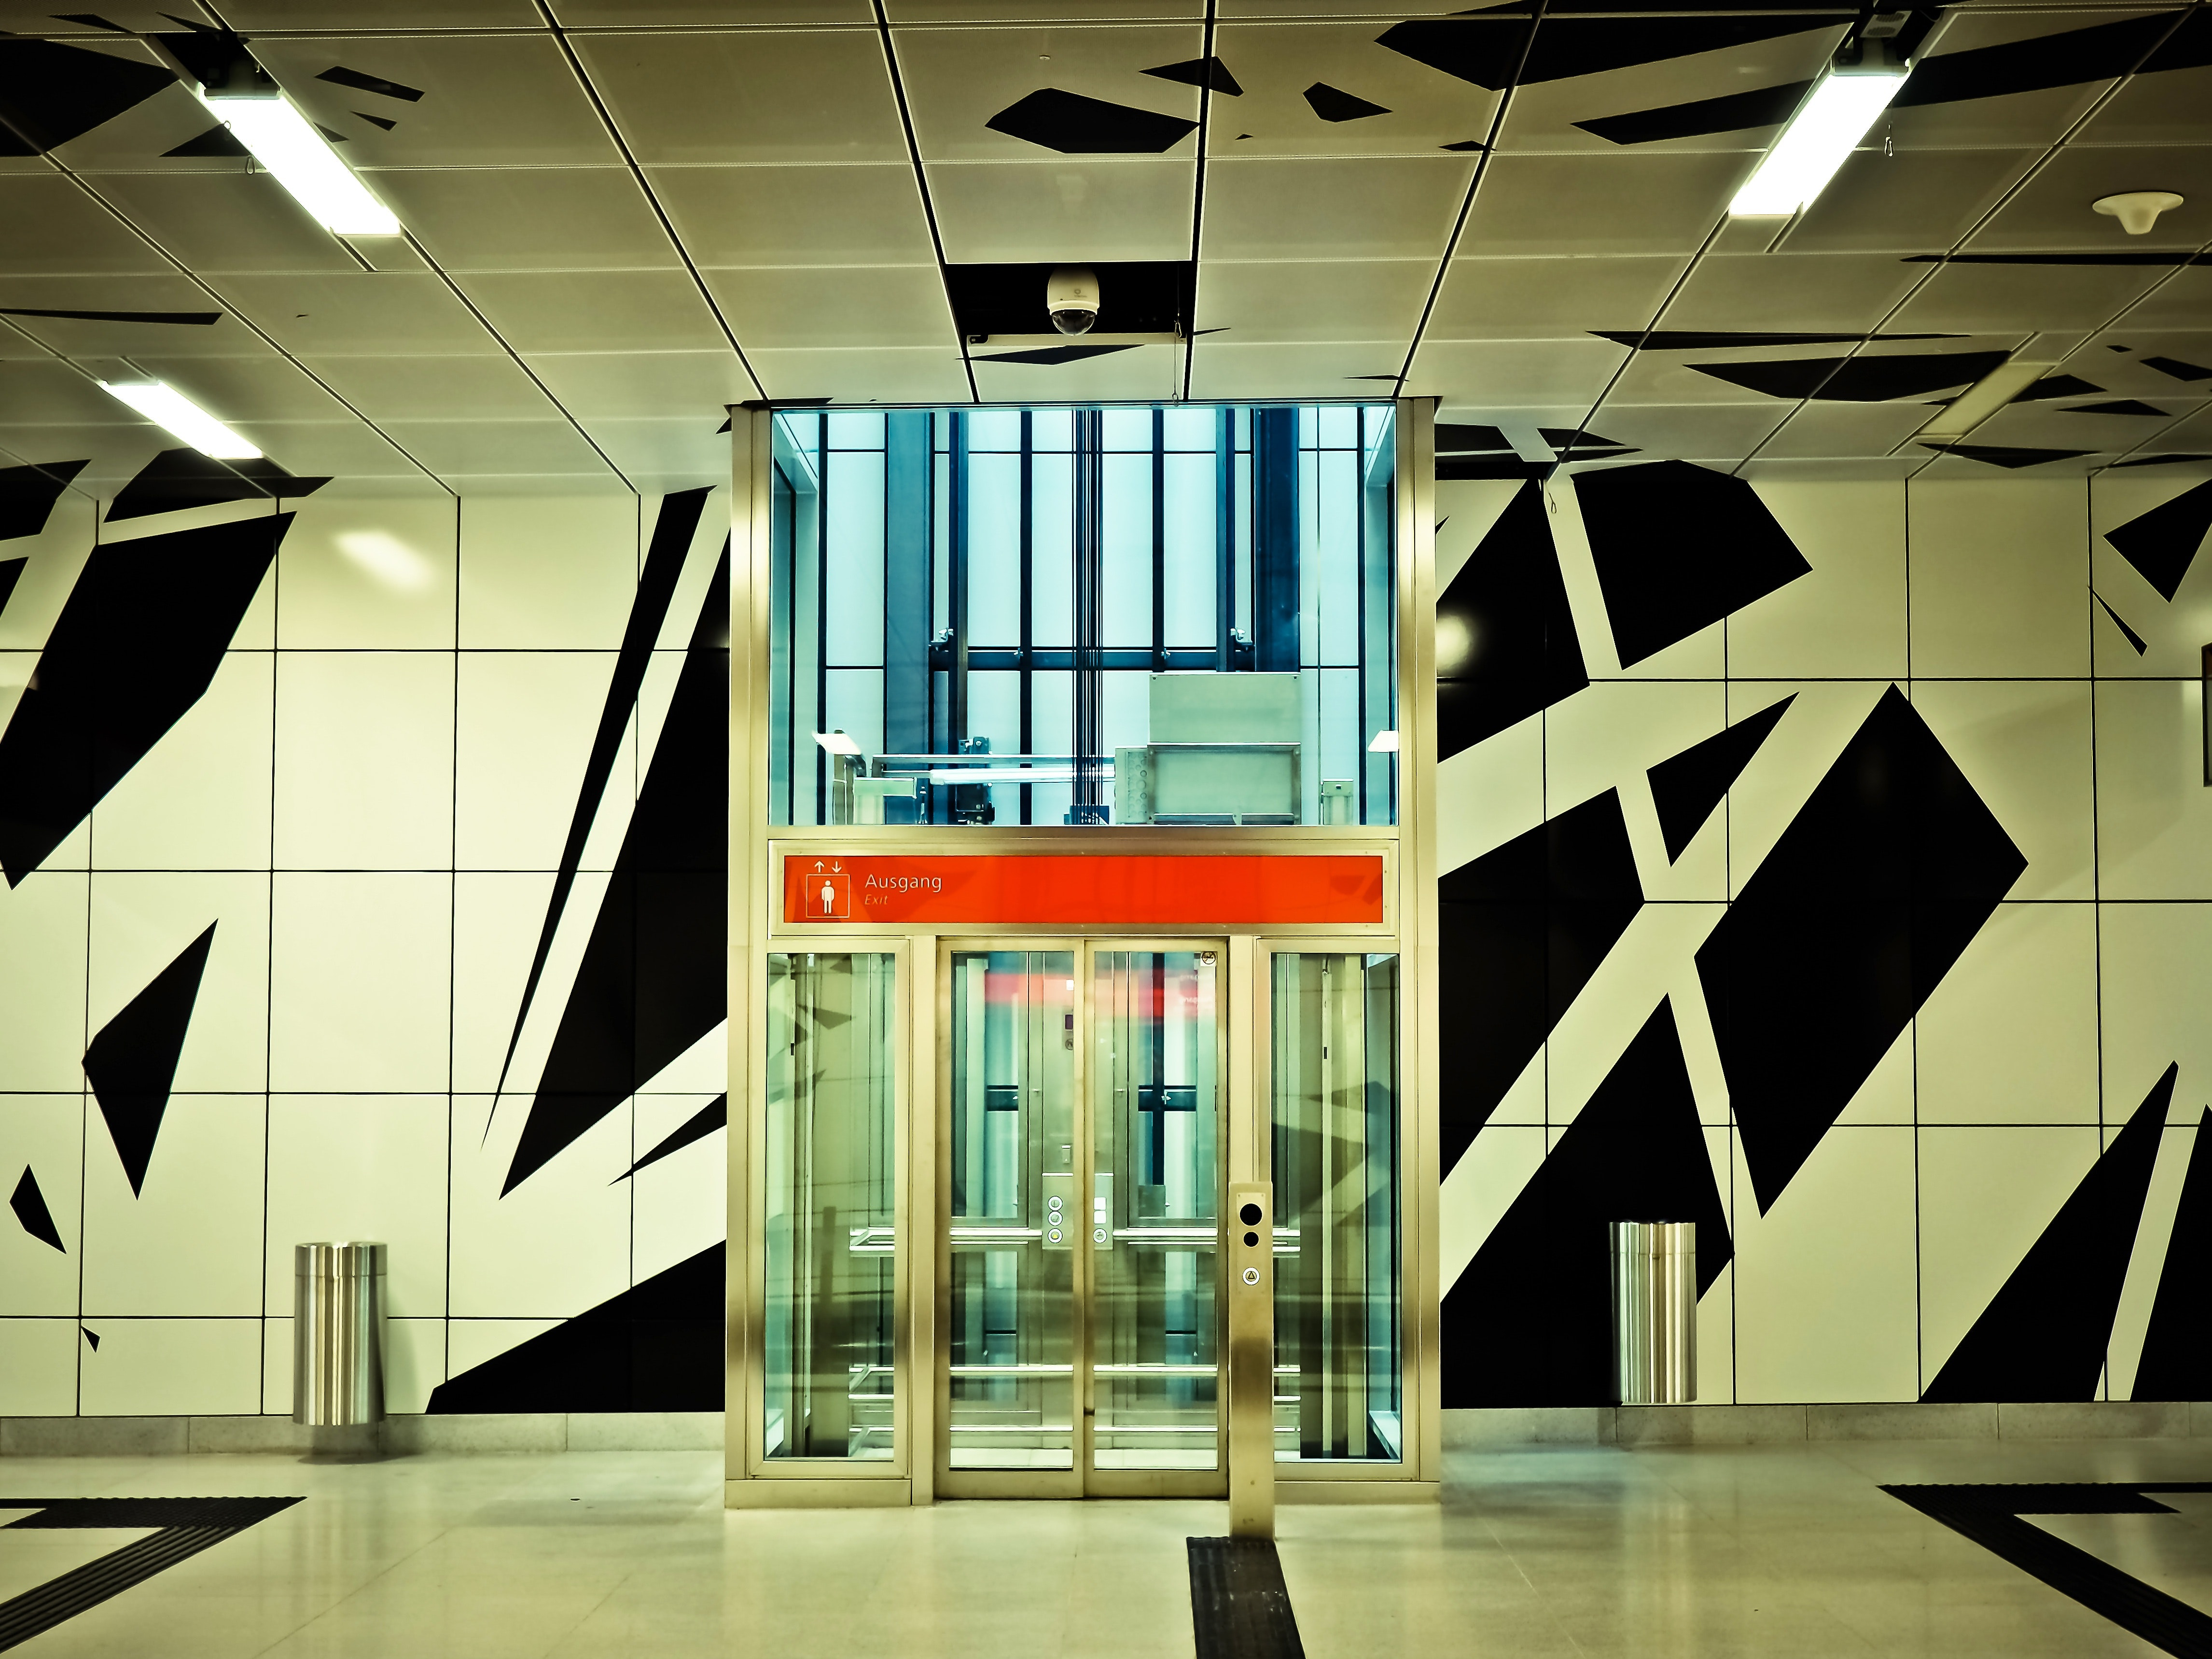 View of Building Interior, Modern, Window, Underground, Travel, HQ Photo